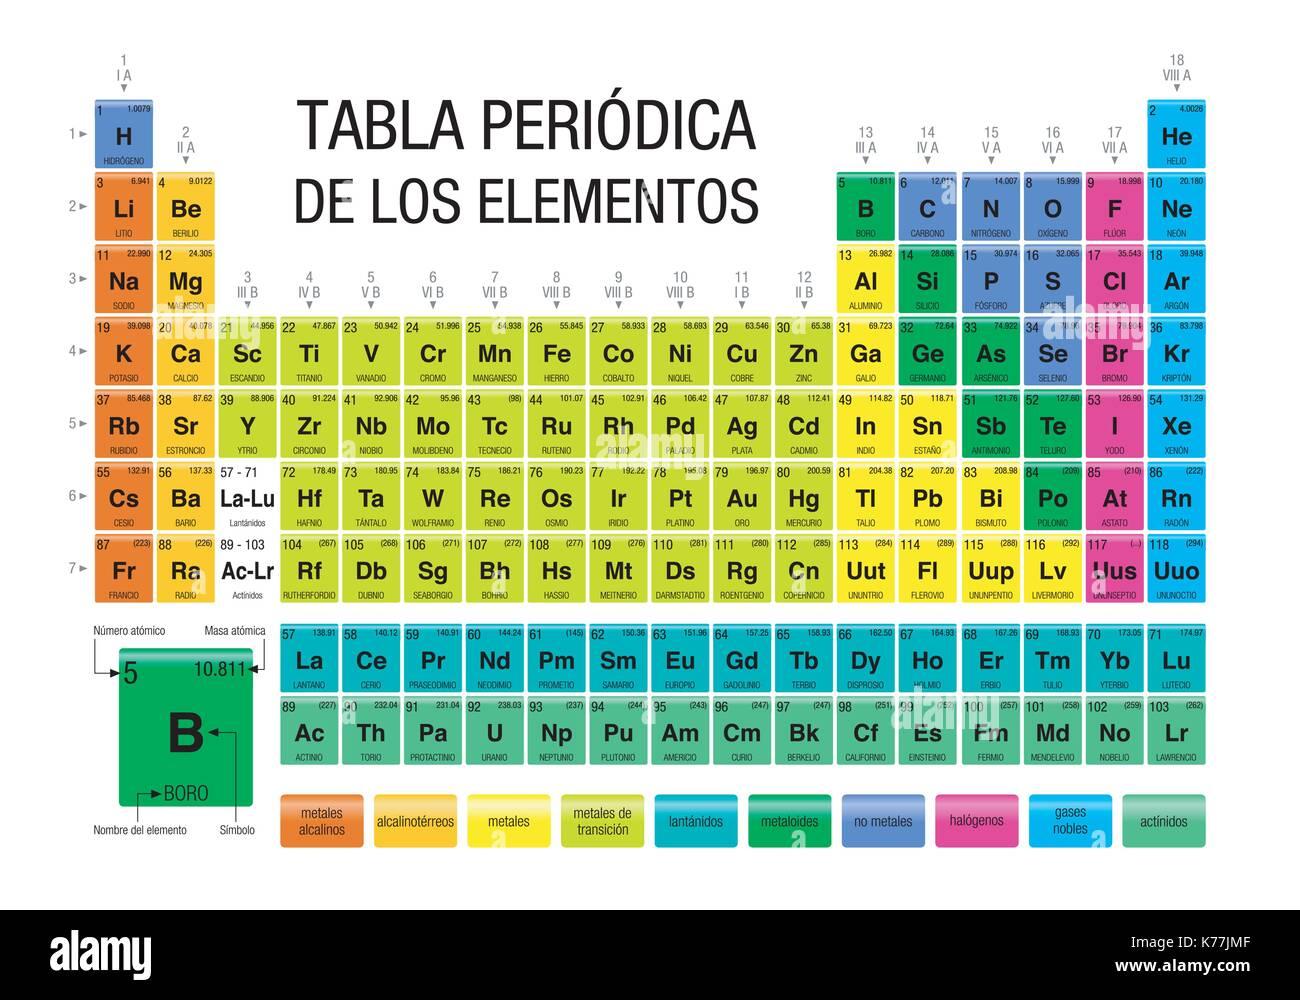 Tabla periodica de los elementos tabla peridica de elementos en tabla periodica de los elementos tabla peridica de elementos en lengua espaola qumica urtaz Gallery